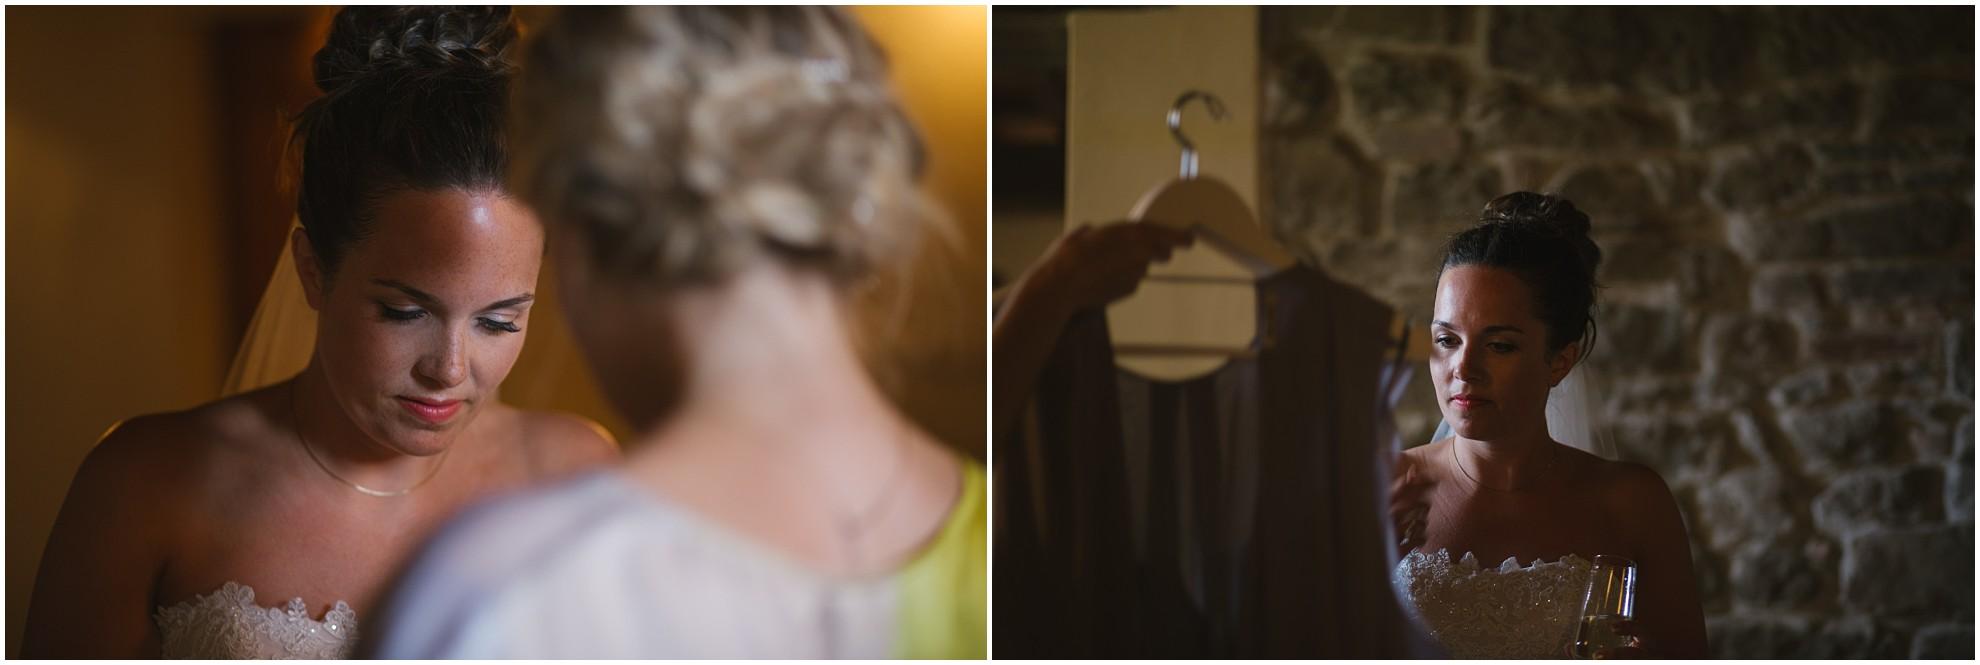 tuscany-wedding-photographer-031